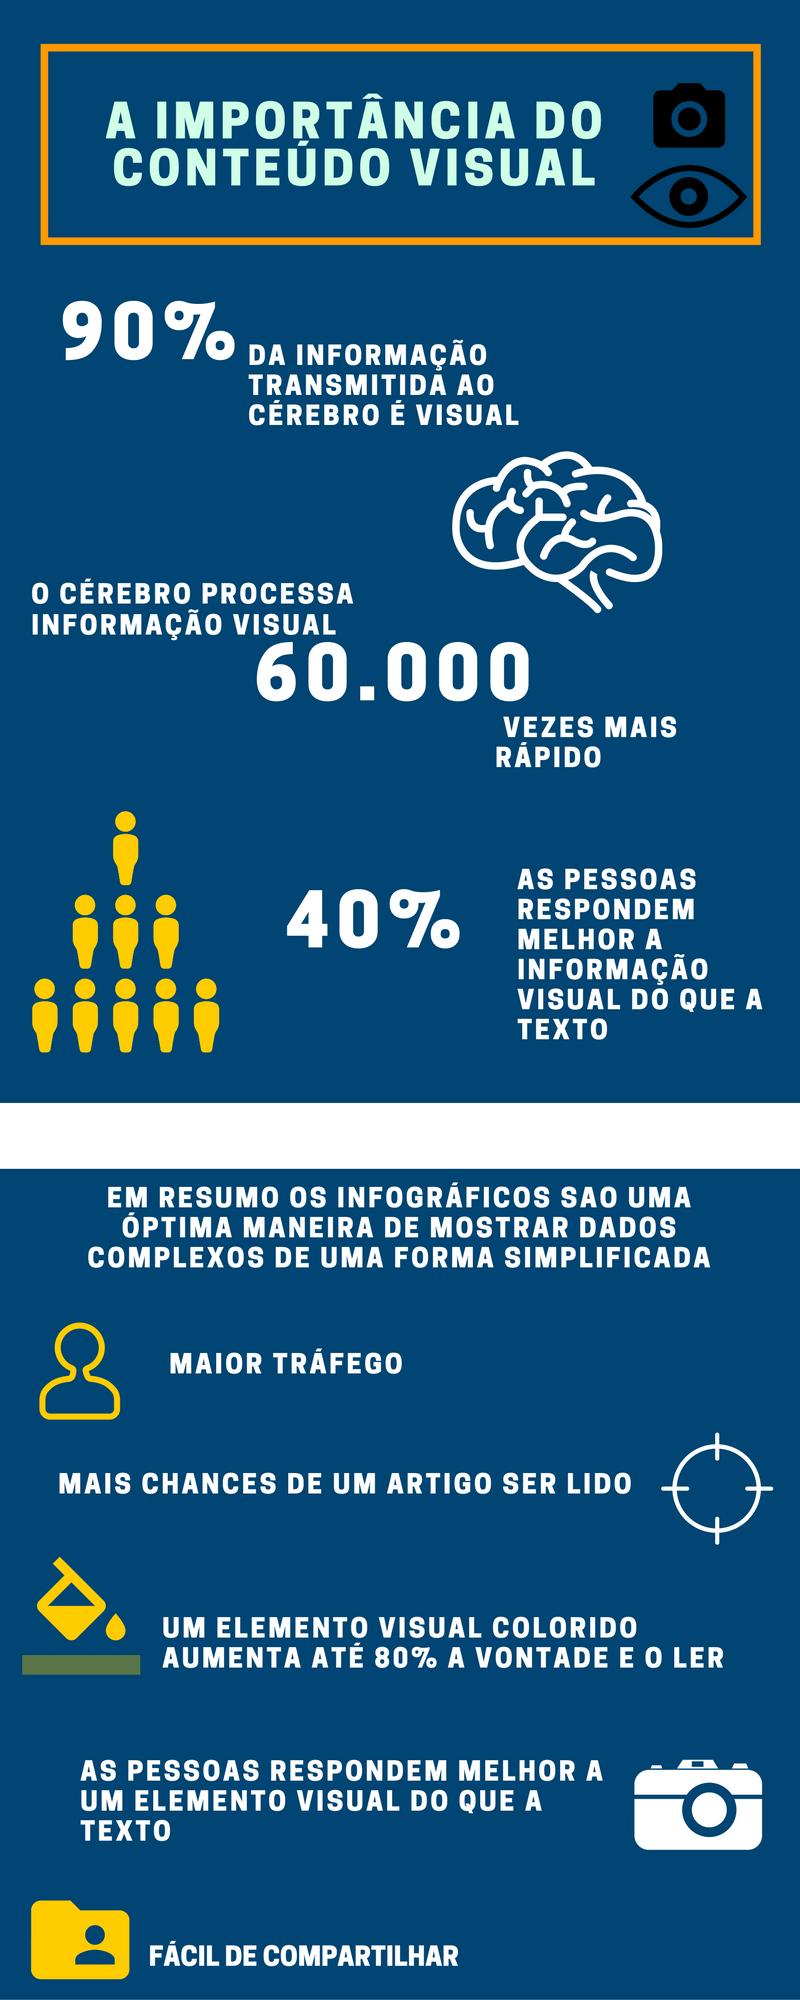 Importância do conteúdo visual num Infográfico